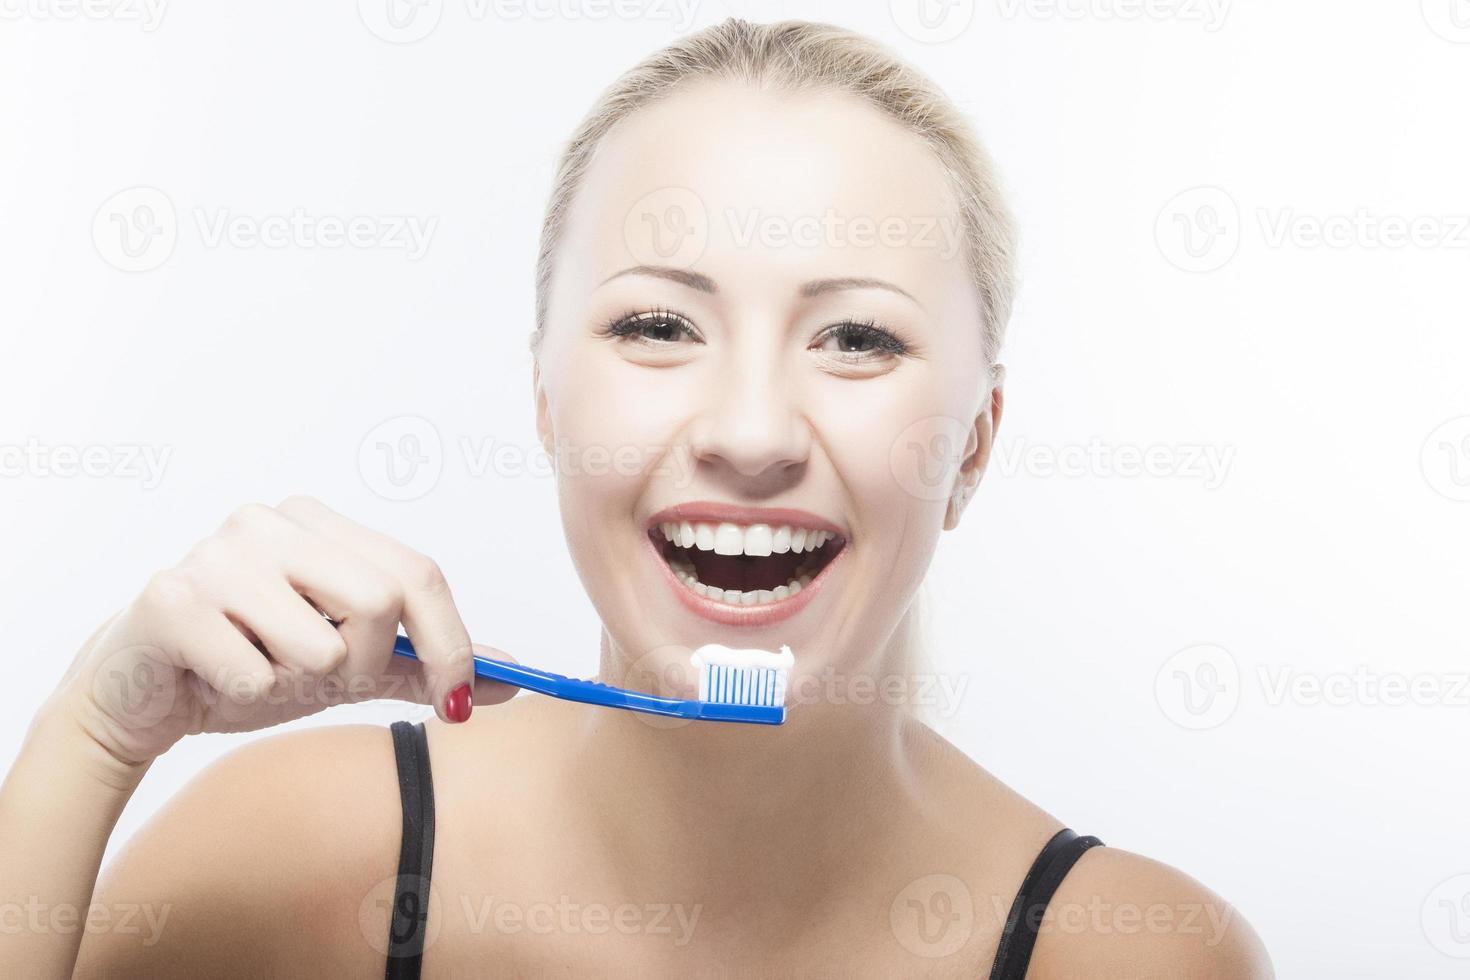 Retrato de mujer caucásica sonriente con cepillo de dientes foto